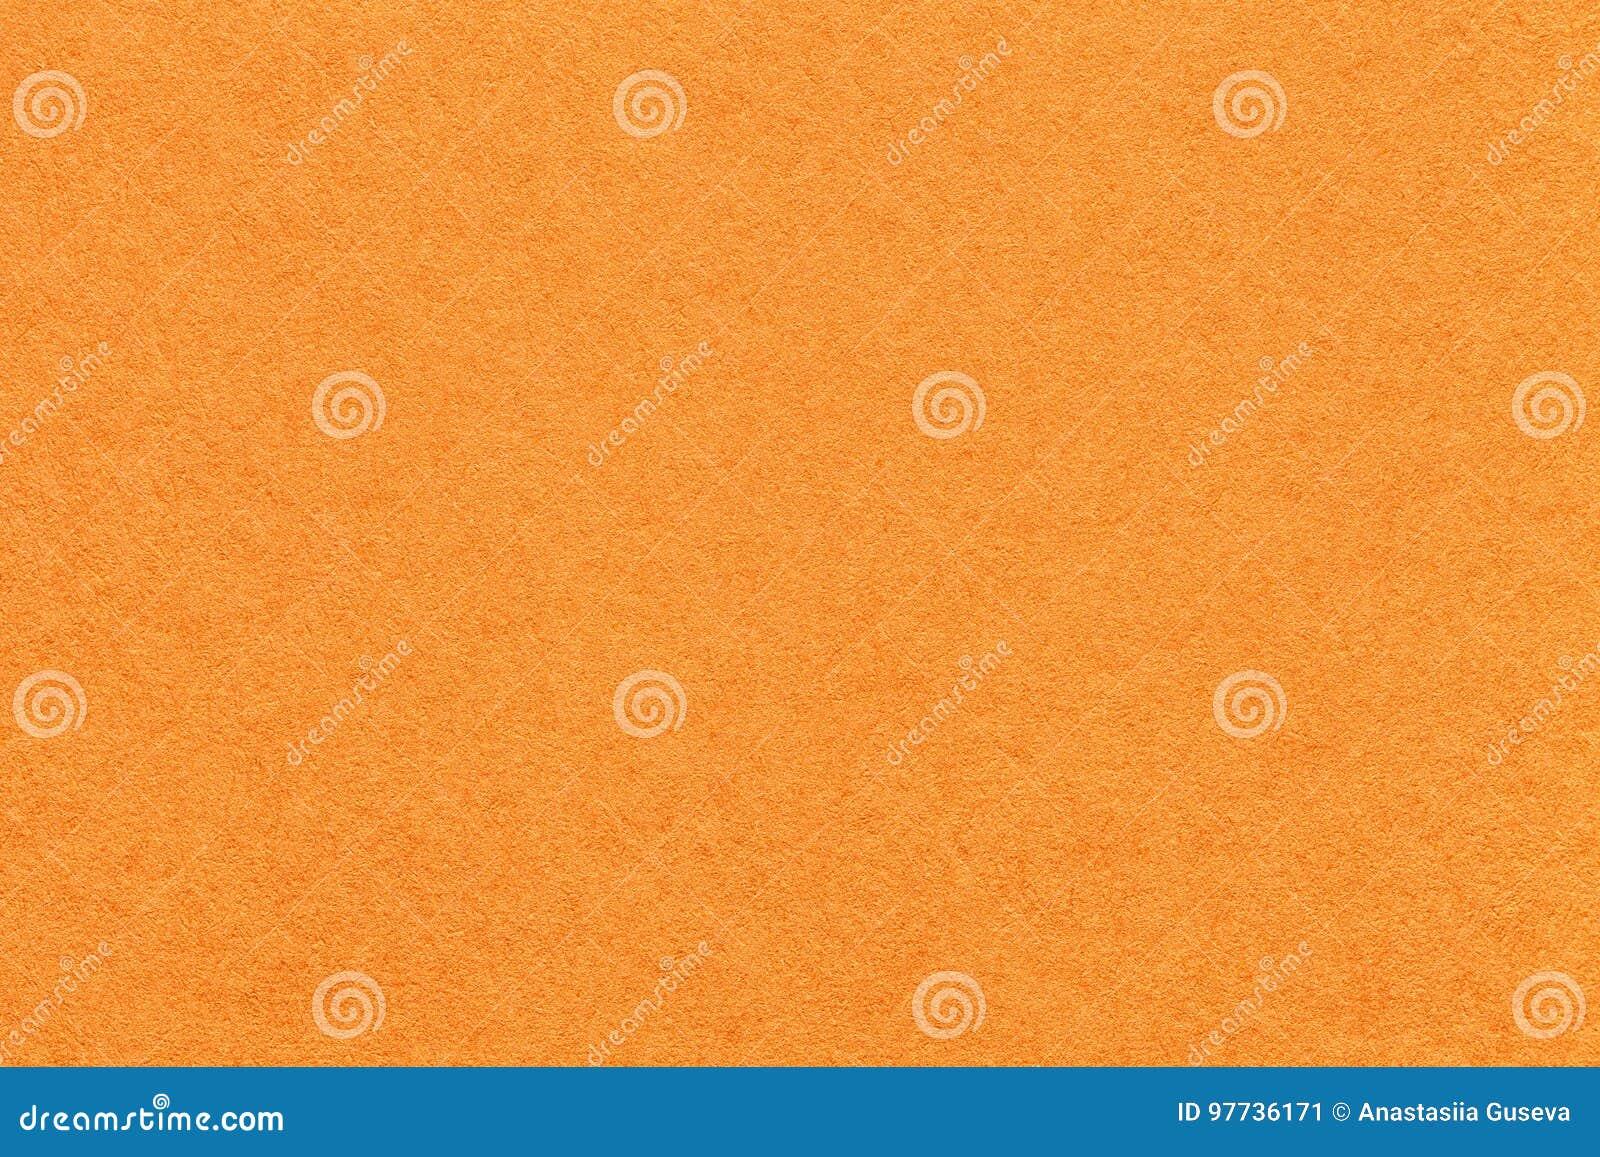 Textura do fundo de papel alaranjado brilhante velho, close up Estrutura do cartão denso da cenoura